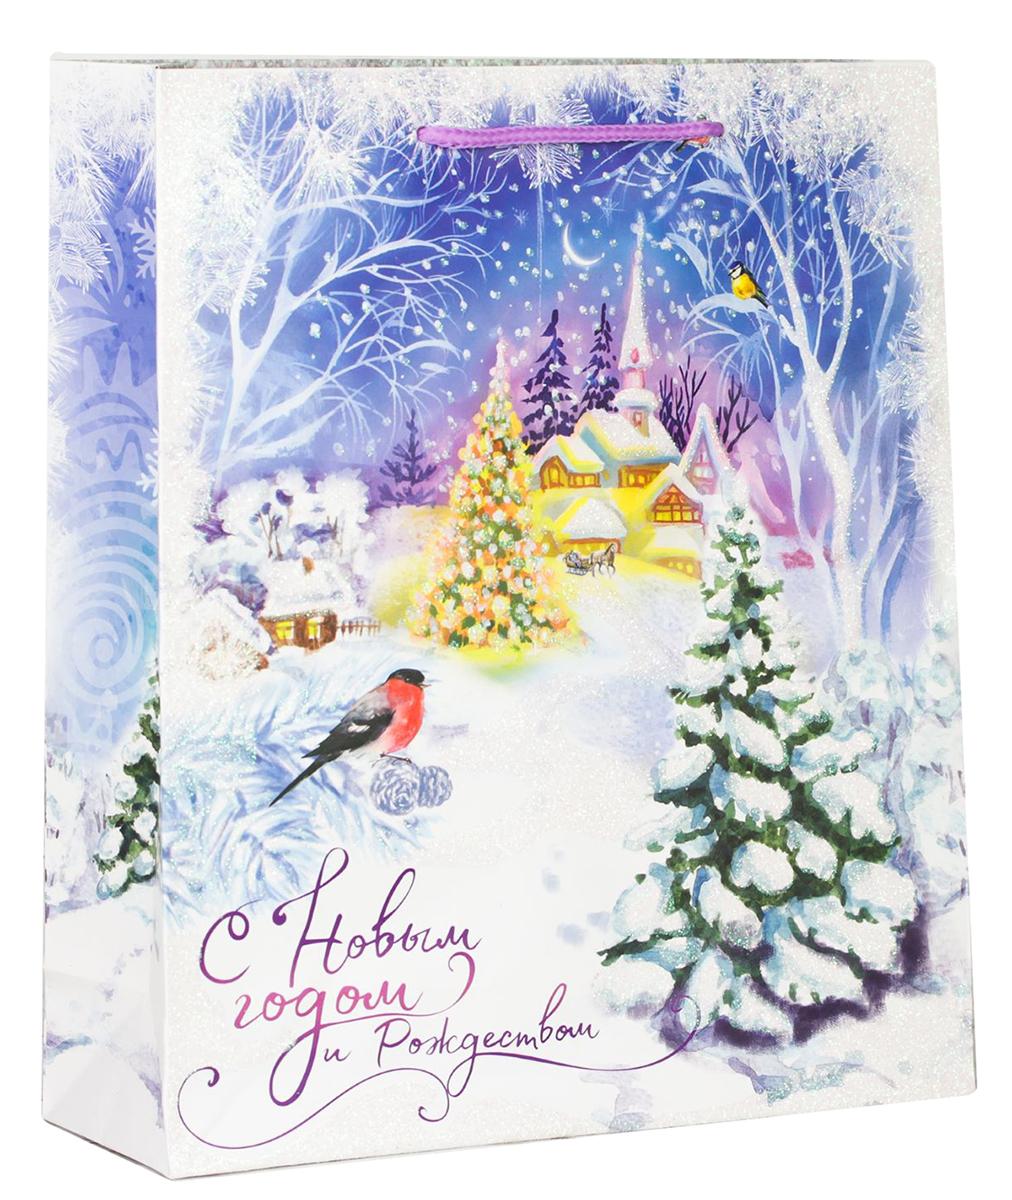 Пакет подарочный Дарите Счастье Сказка зимнего леса, цвет: мультиколор, 12 х 5,5 х 15 см. 21139092113909Привлекательная упаковка послужит достойным украшением любого, даже самого скромного подарка. Она поможет создать интригу и продлить время предвкушения чуда - момента, когда презент окажется в руках адресата. Пакет имеет яркий, оригинальный дизайн, который обязательно понравится получателю! Изделие выполнено из плотной бумаги, благодаря чему обеспечит надежную защиту содержимого.